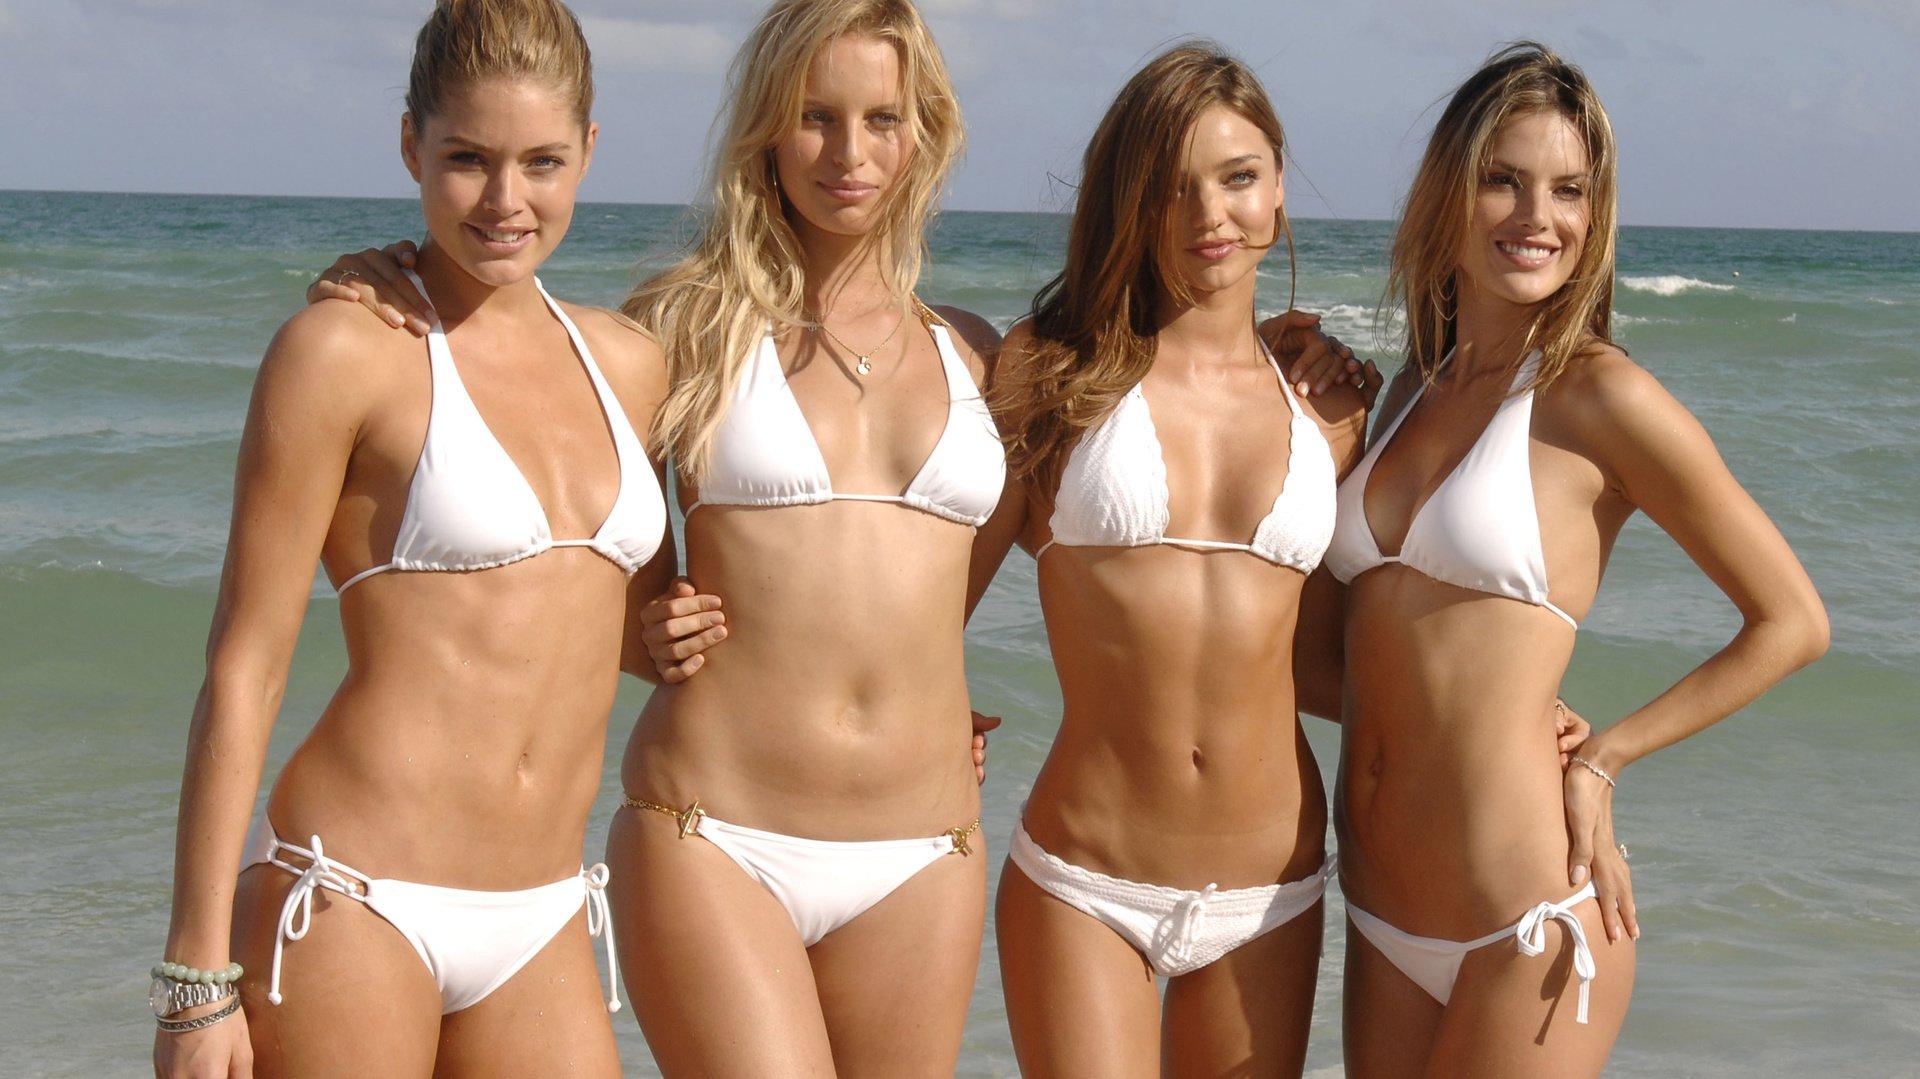 Супер голые девочки молодые 13 фотография